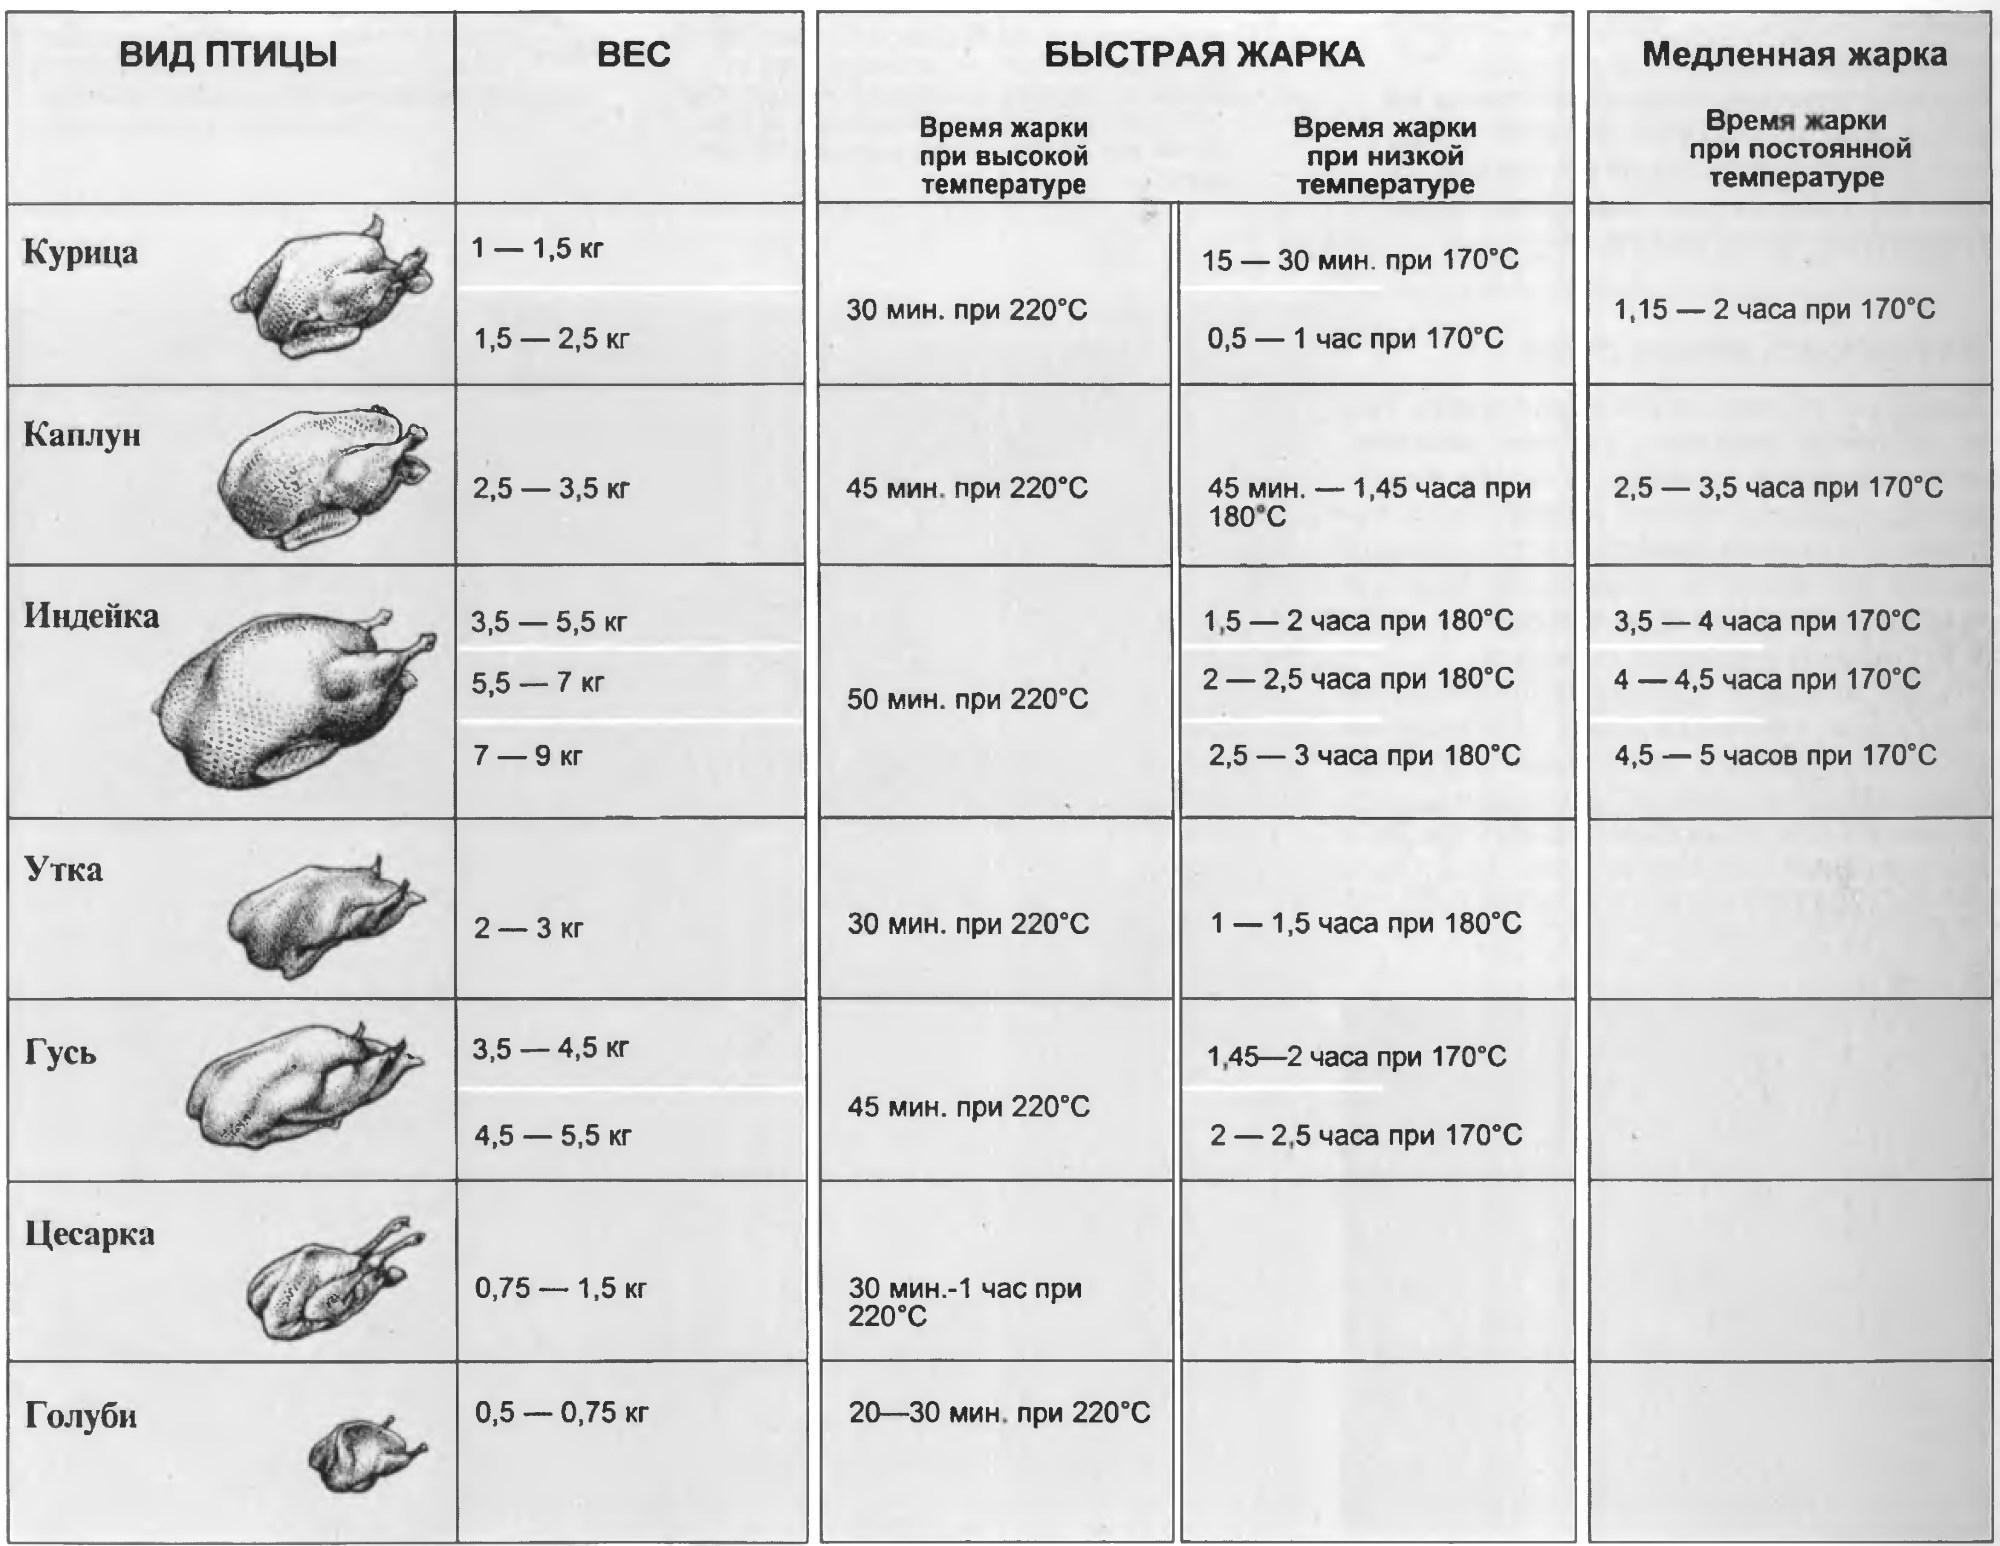 Cправочная таблица температур духовки и времени жарки птицы